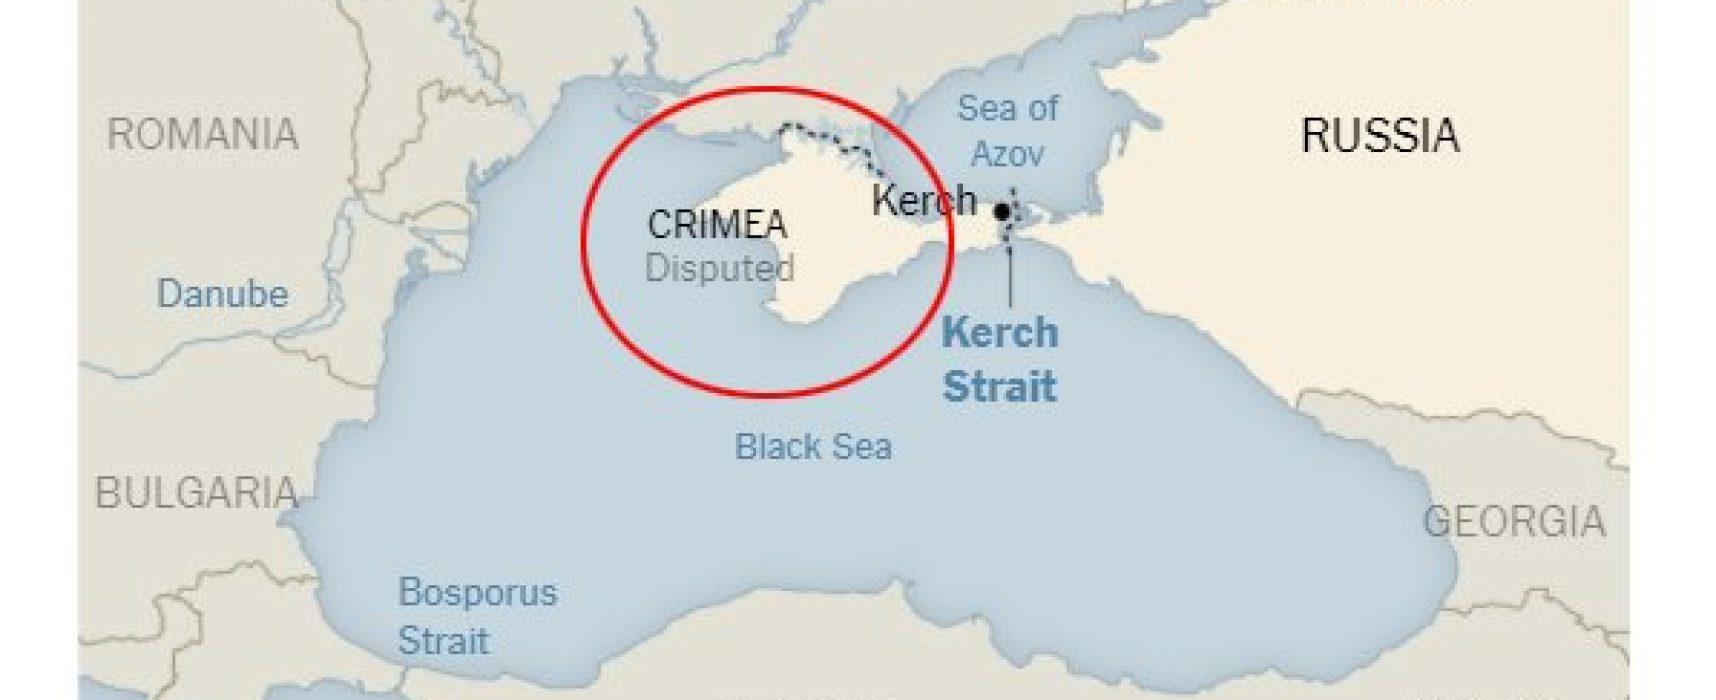 В США призывают New York Times исправить статью со «спорным» Крымом